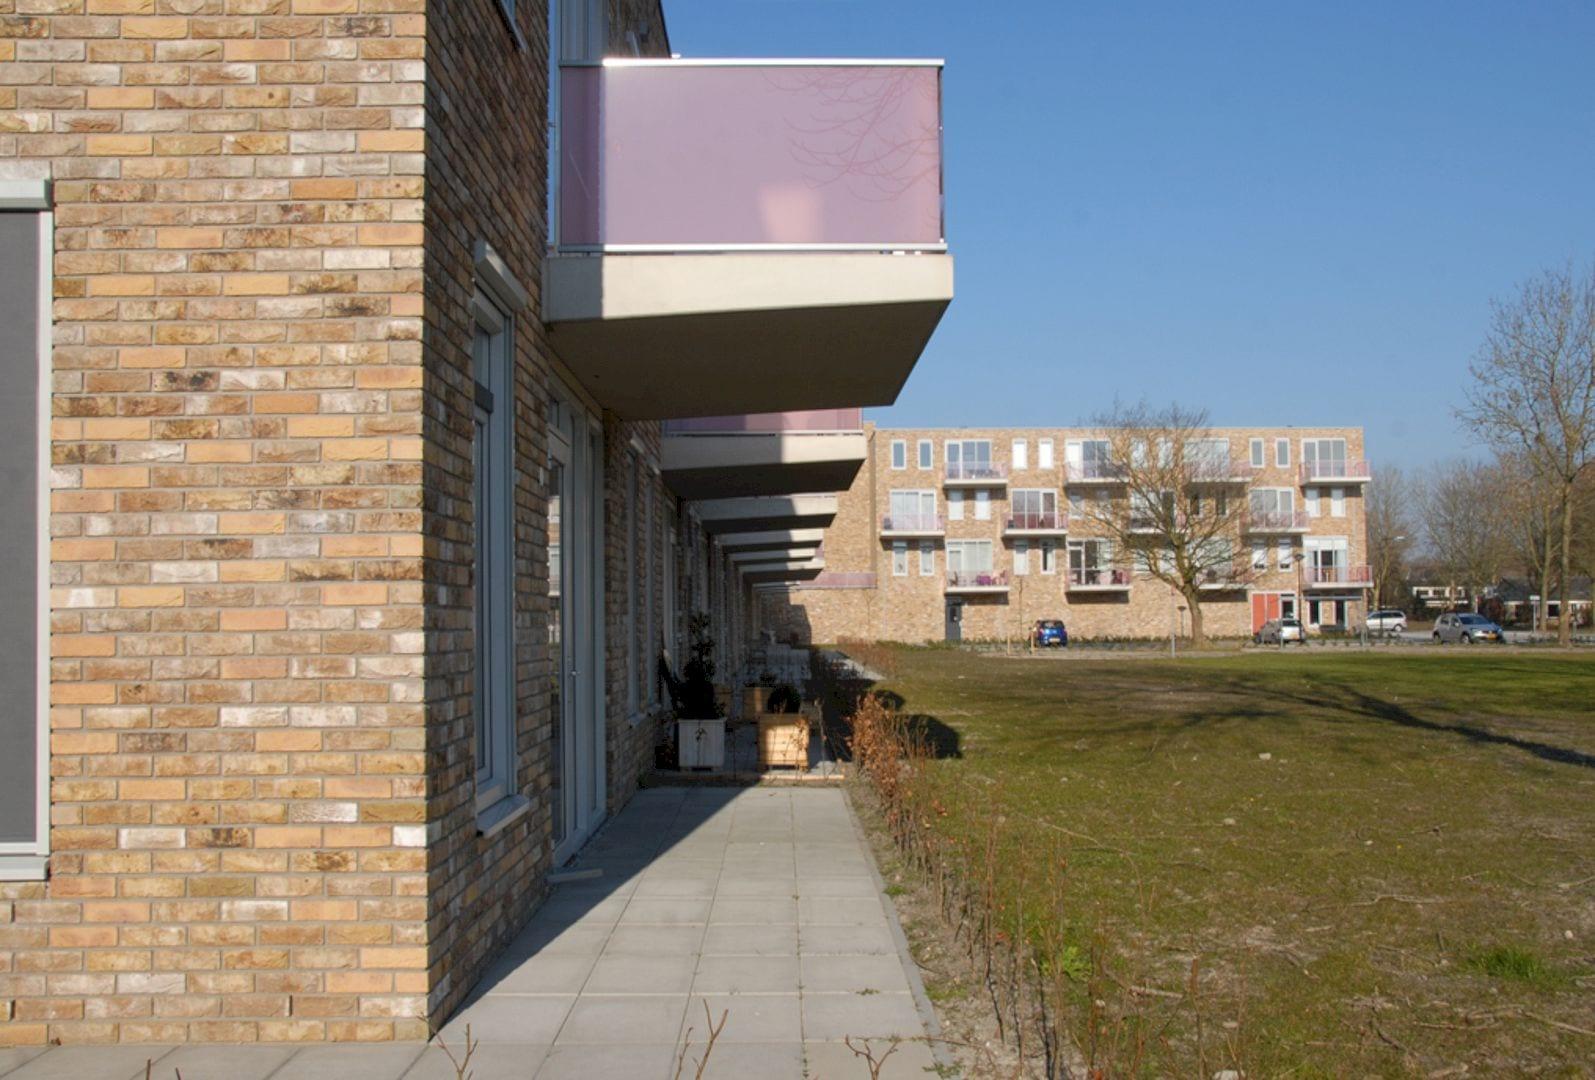 Apartments Tamarixplantsoen Heerhugowaard By Jeanne Dekkers Architectuur 3